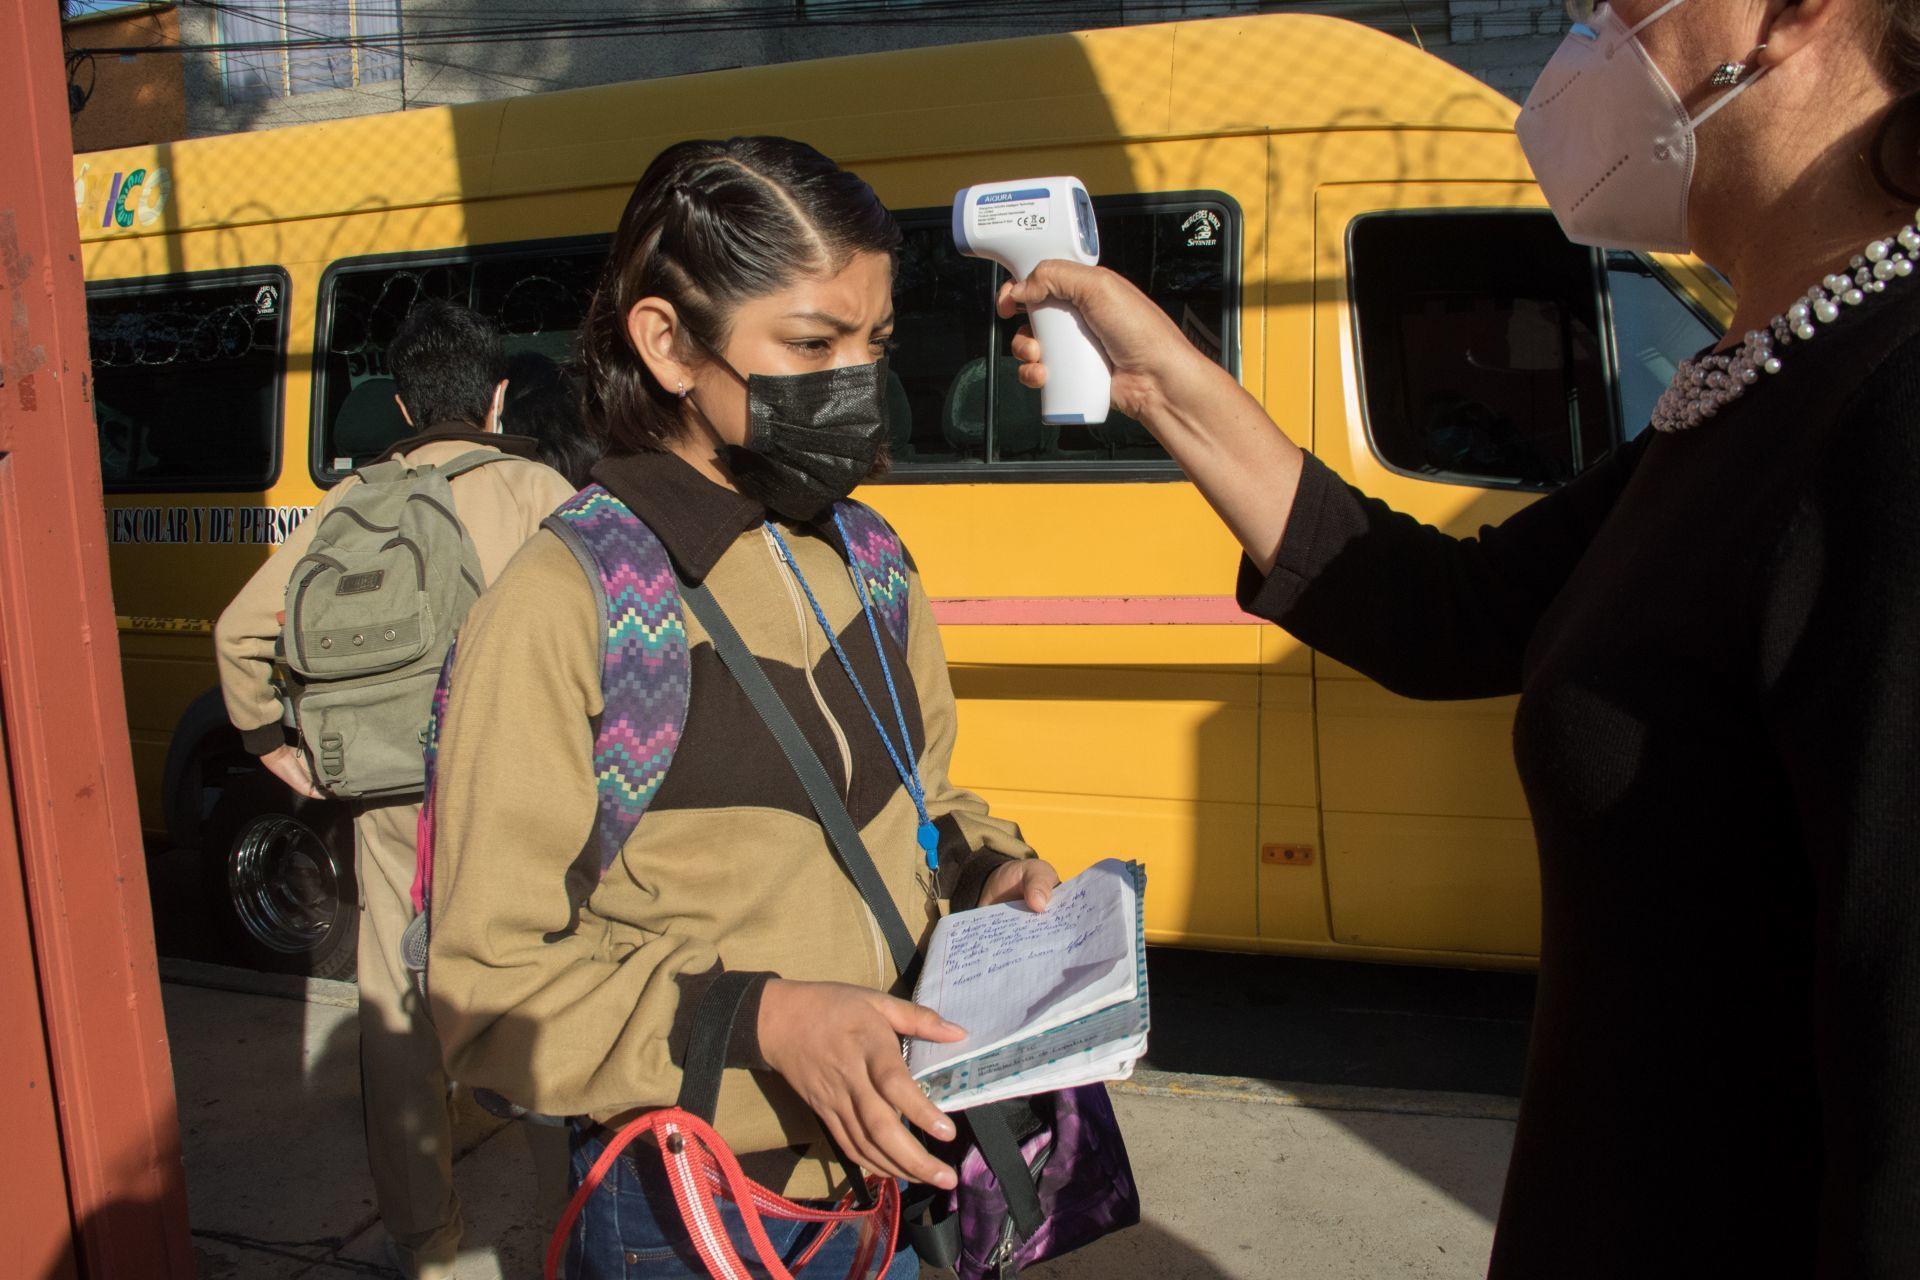 Deserción escolar por la pandemia de coronavirus es de 2.5%: SEP